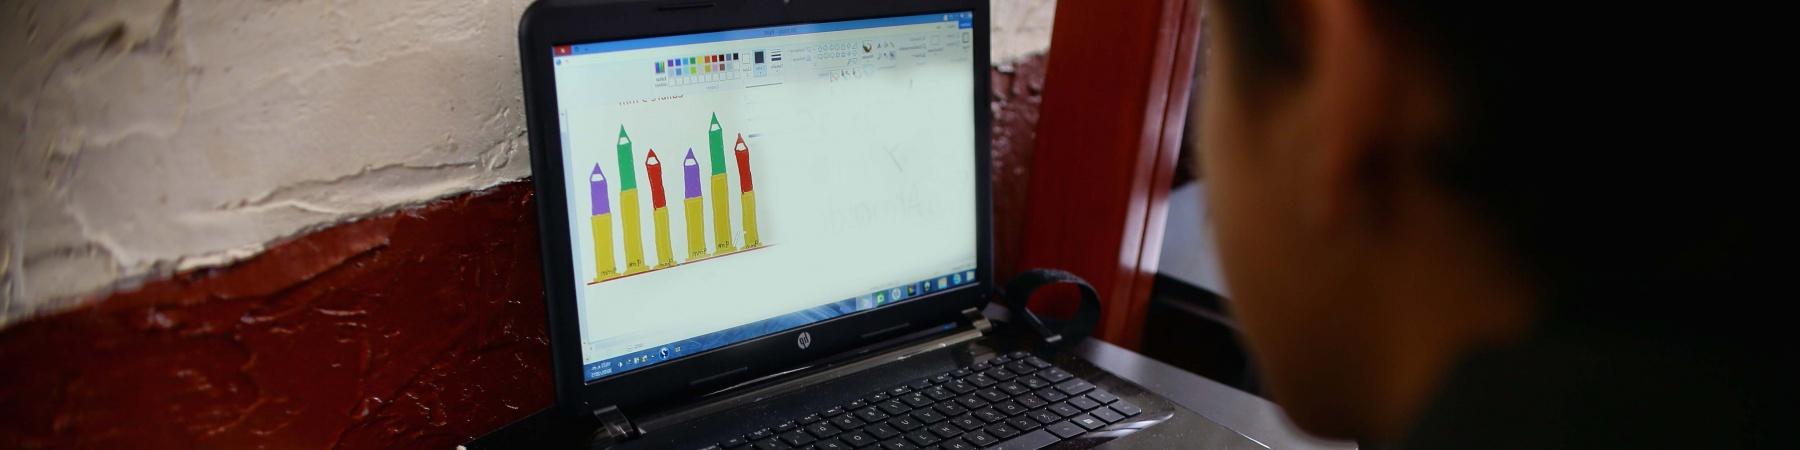 Bambino di spalle scrive vicino a un computer portatile sulla scrivania